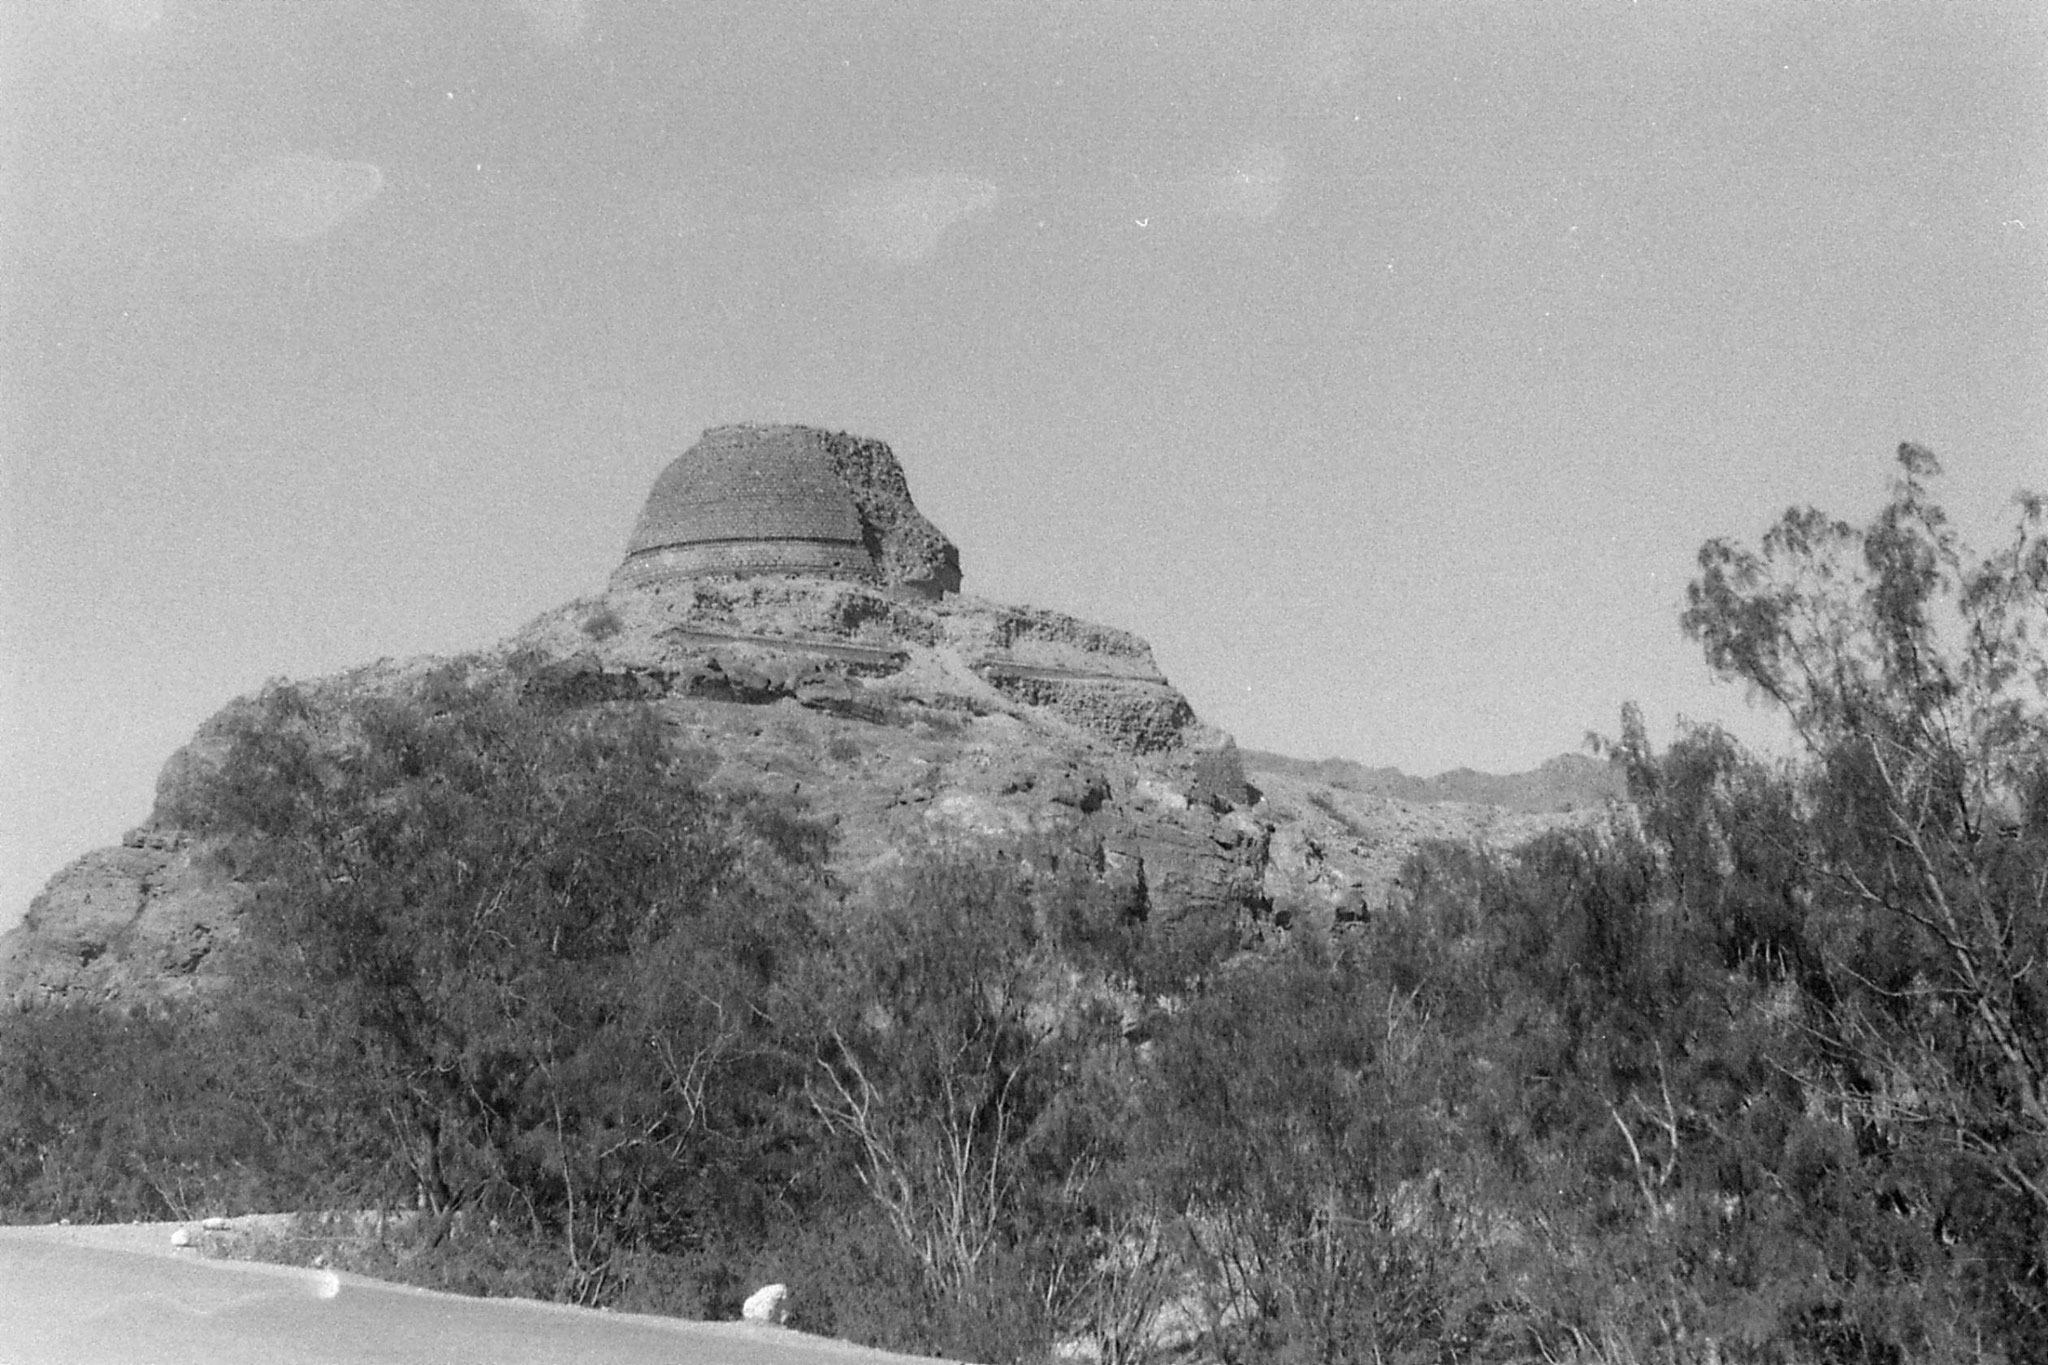 6/11/1989: 26: Landi Kotal stupa